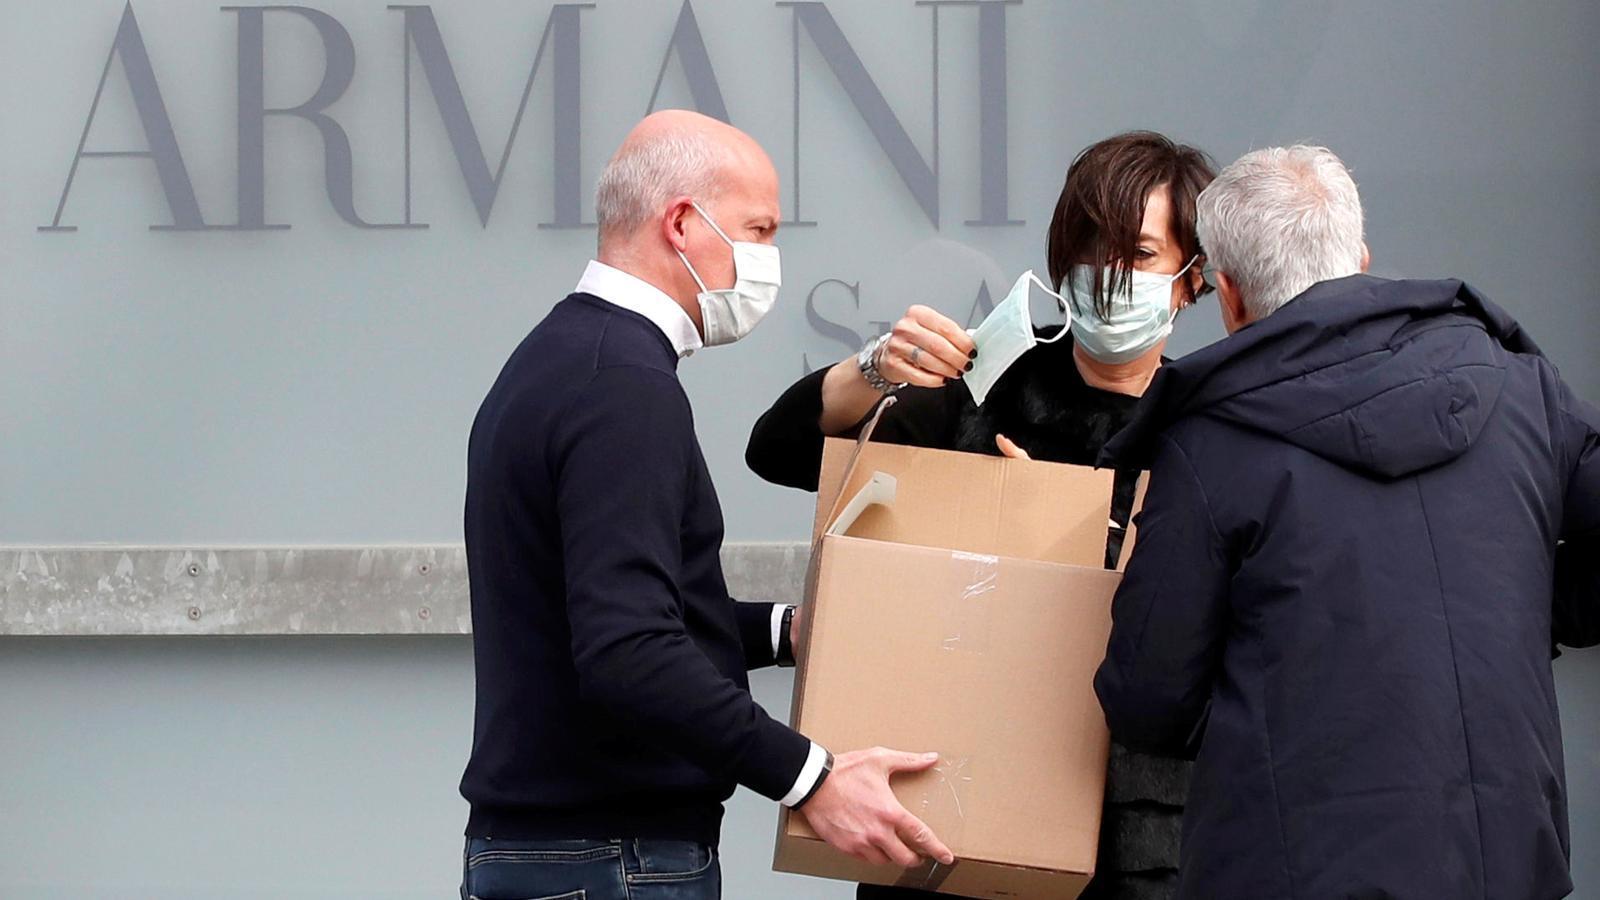 Armani tanca temporalment les seves fàbriques pel coronavirus